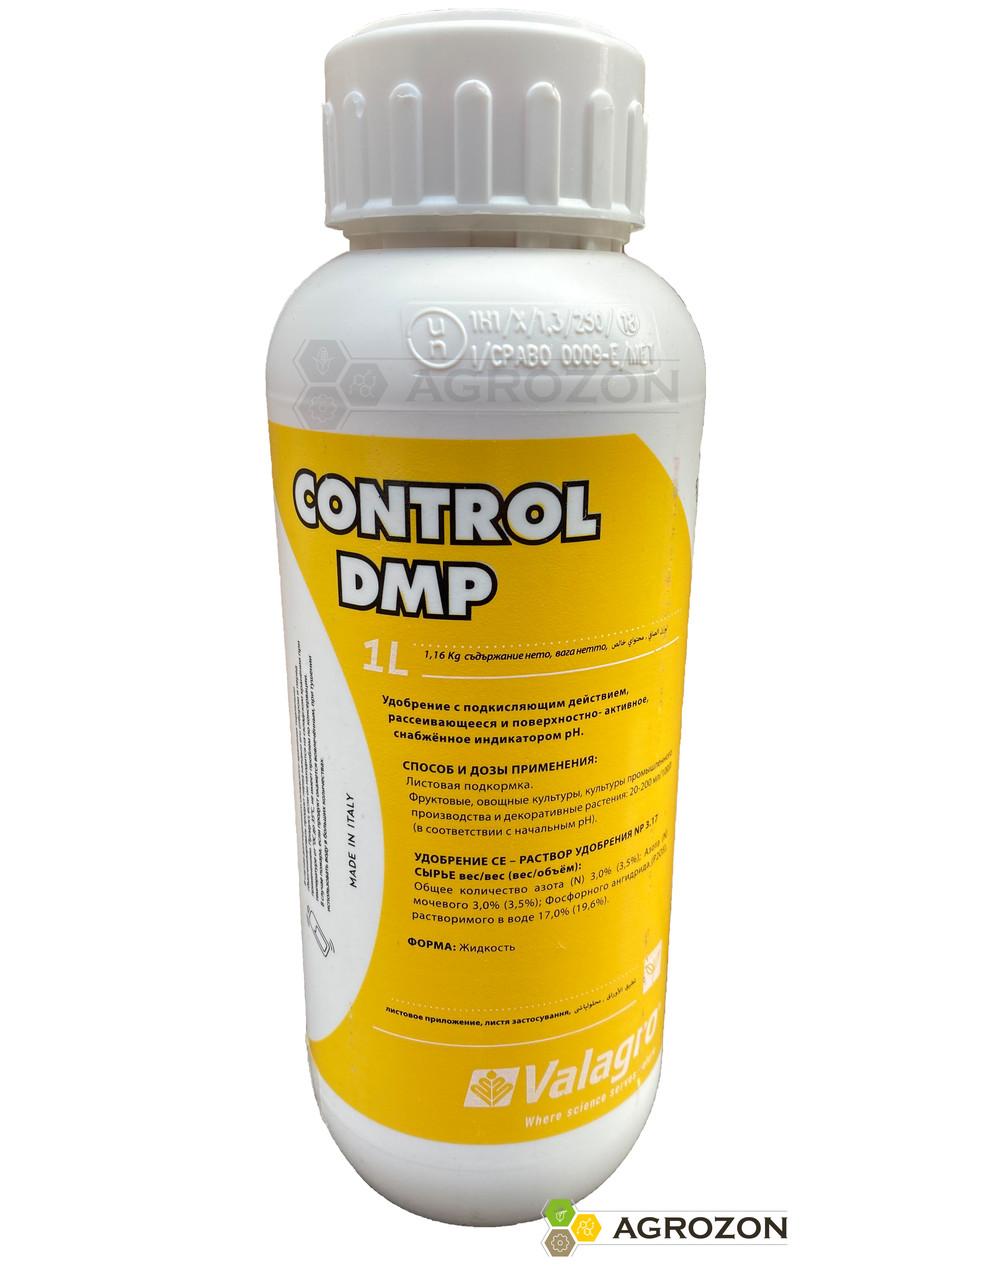 Регулятор кислотности (прилипатель) Контроль ДМП (Control DMP) Valagro - 1 л